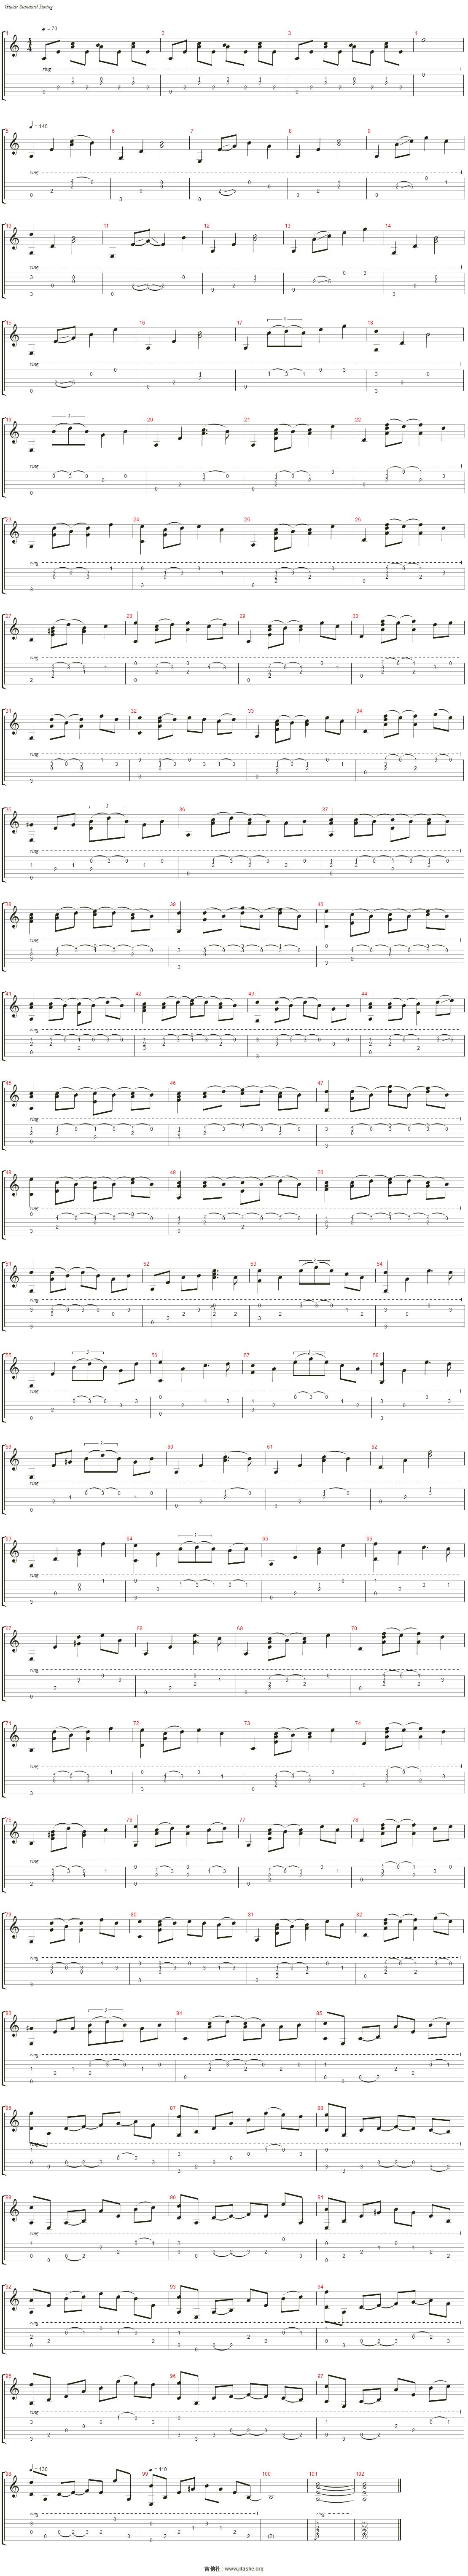 亹亹(原创歌曲)吉他谱(音轨 1)_群星